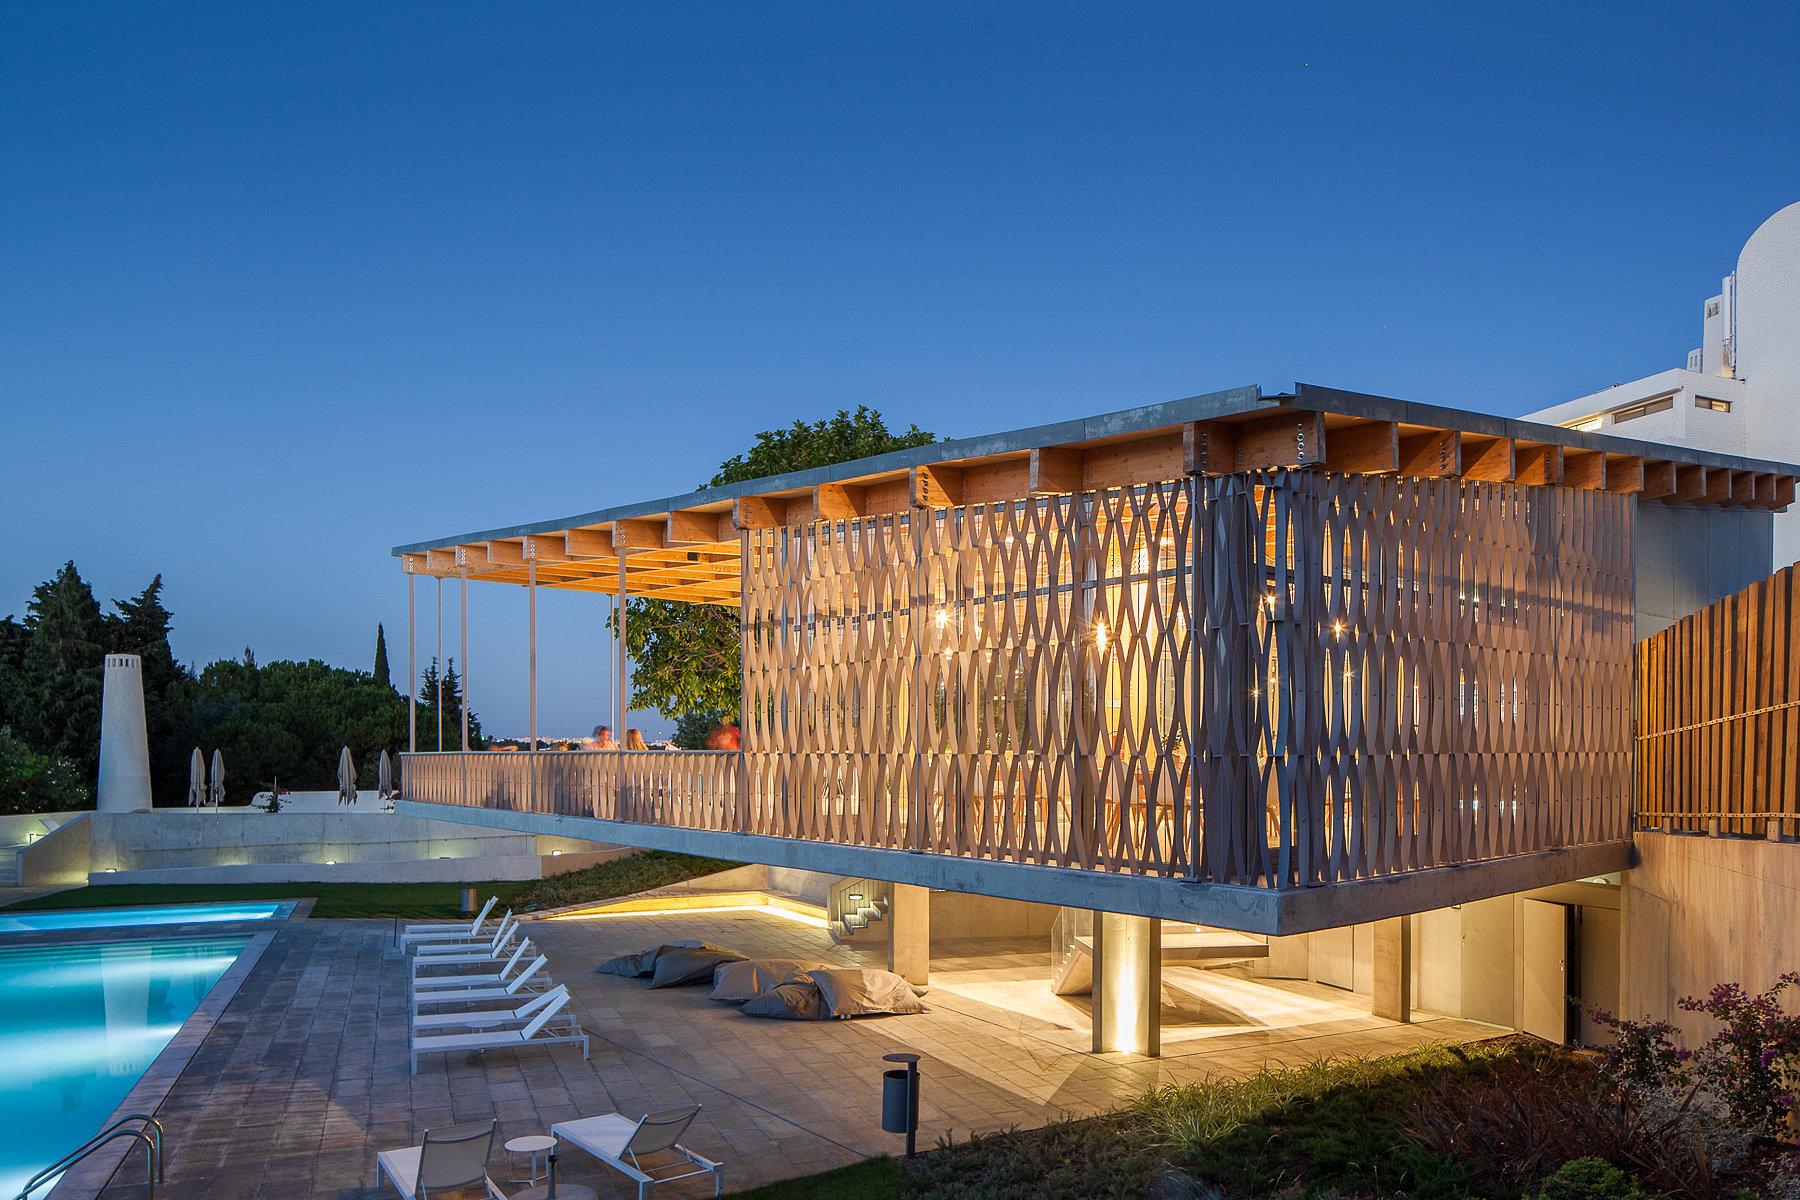 Galer a de pedro campos costa premio fad 2015 de for Articulos de arquitectura 2015